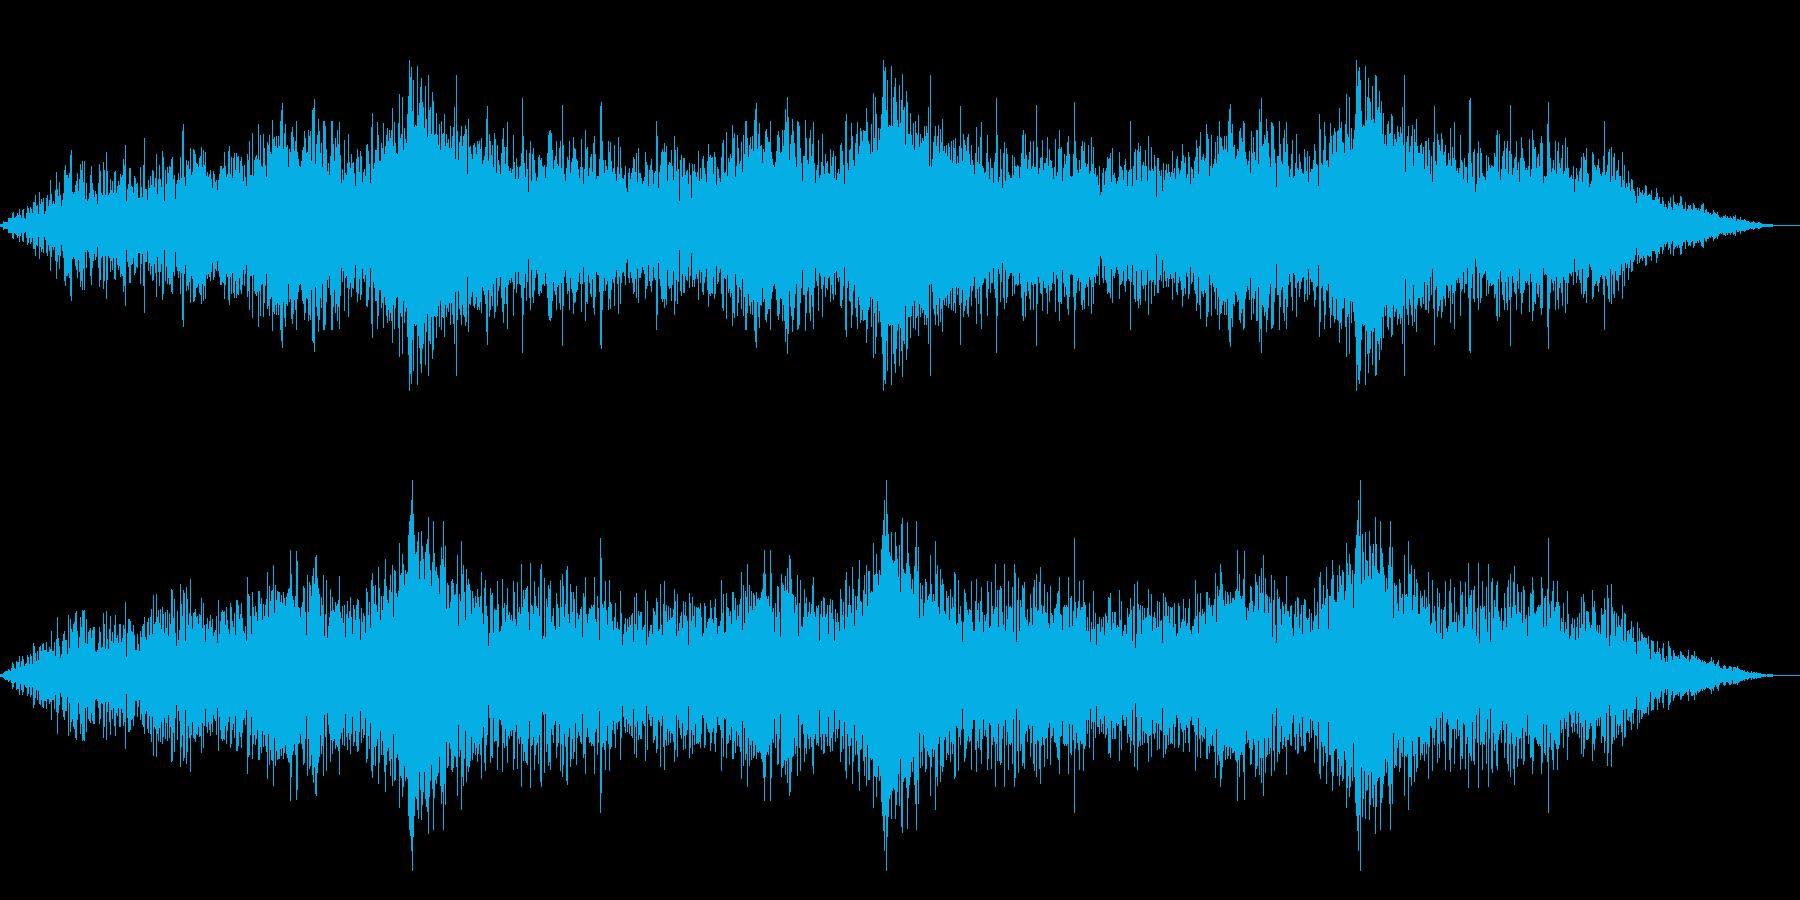 ホラー映画に出てきそうなノイズ系音源12の再生済みの波形